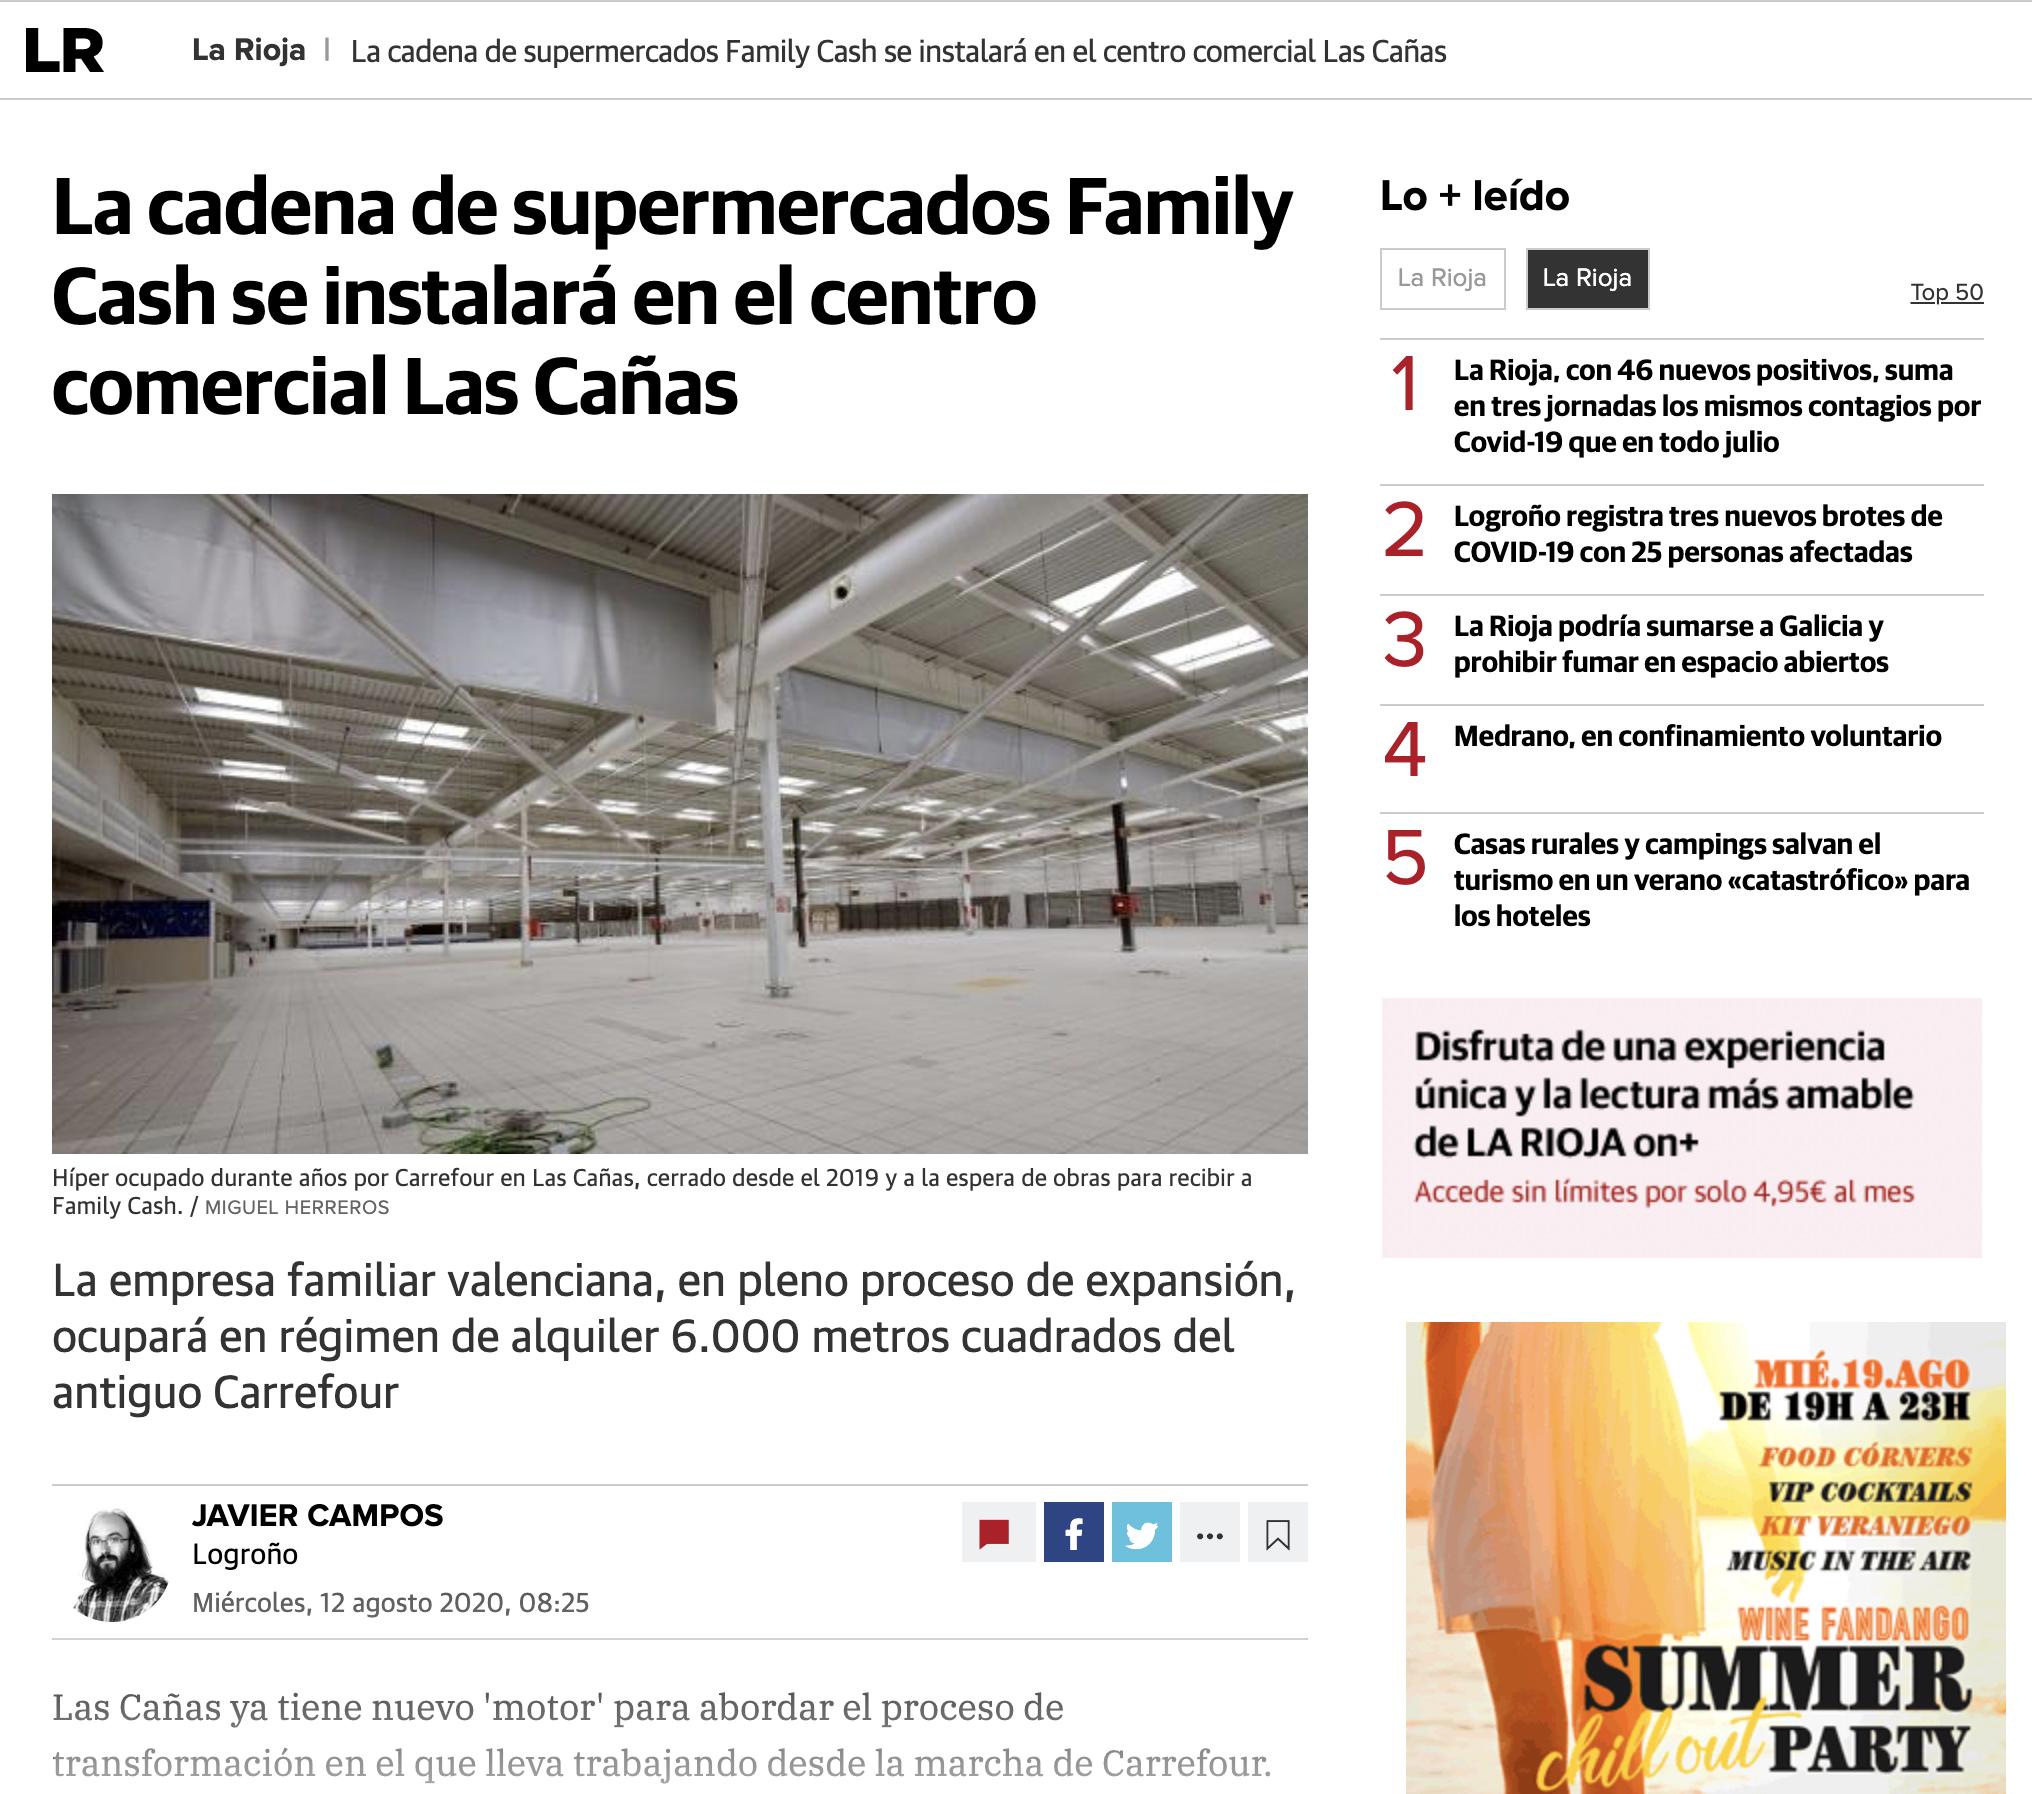 La cadena de supermercados Family Cash se instalará en el centro comercial Las Cañas